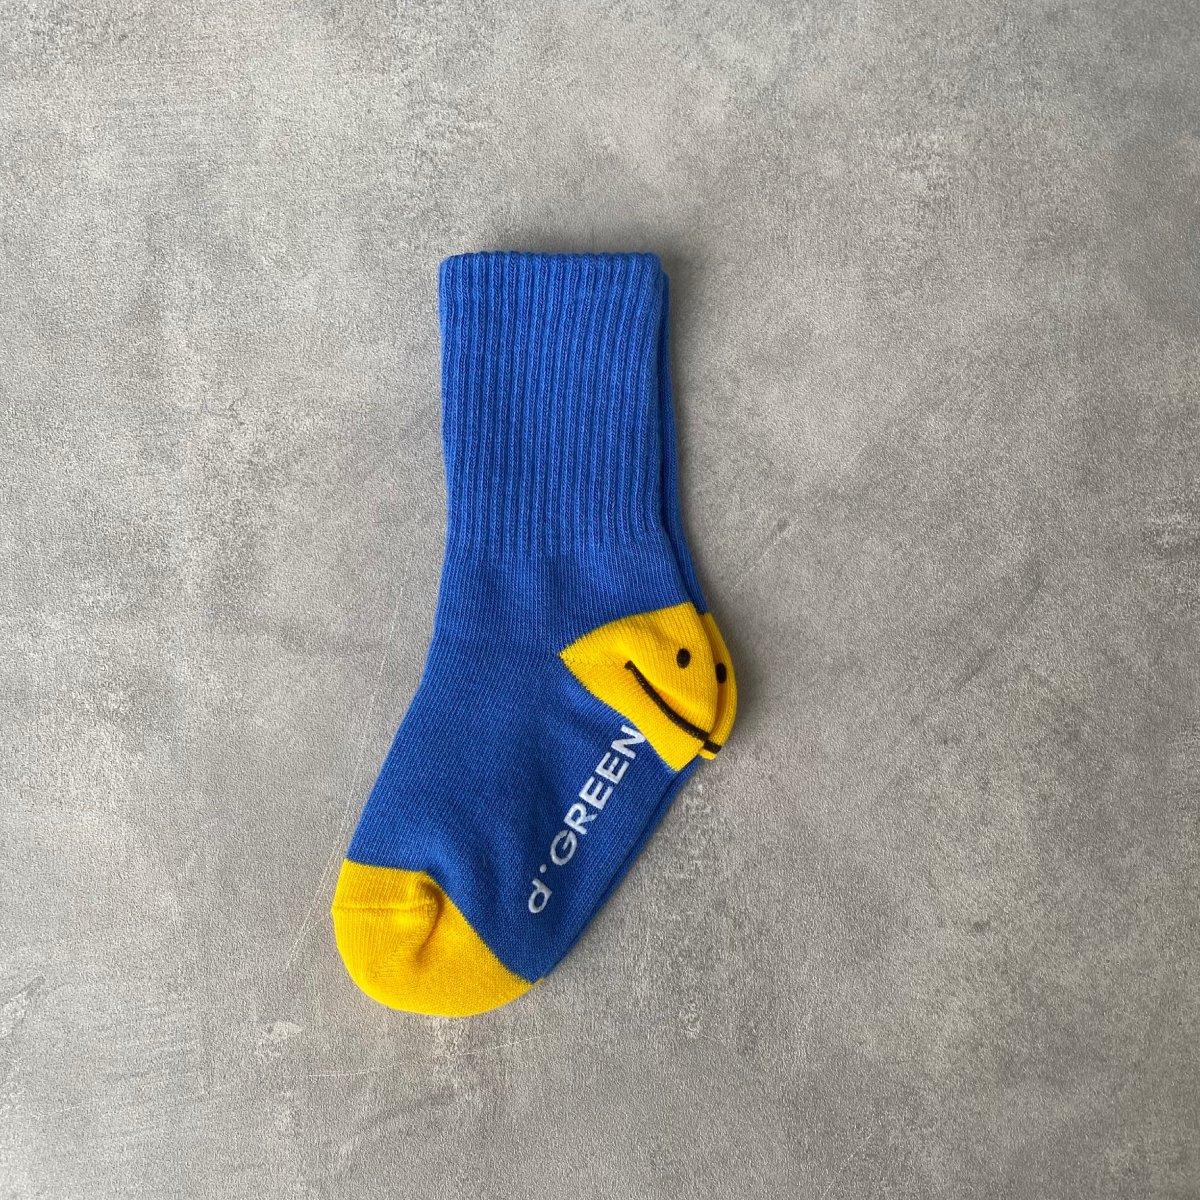 【BABY】Smile Socks 詳細画像4